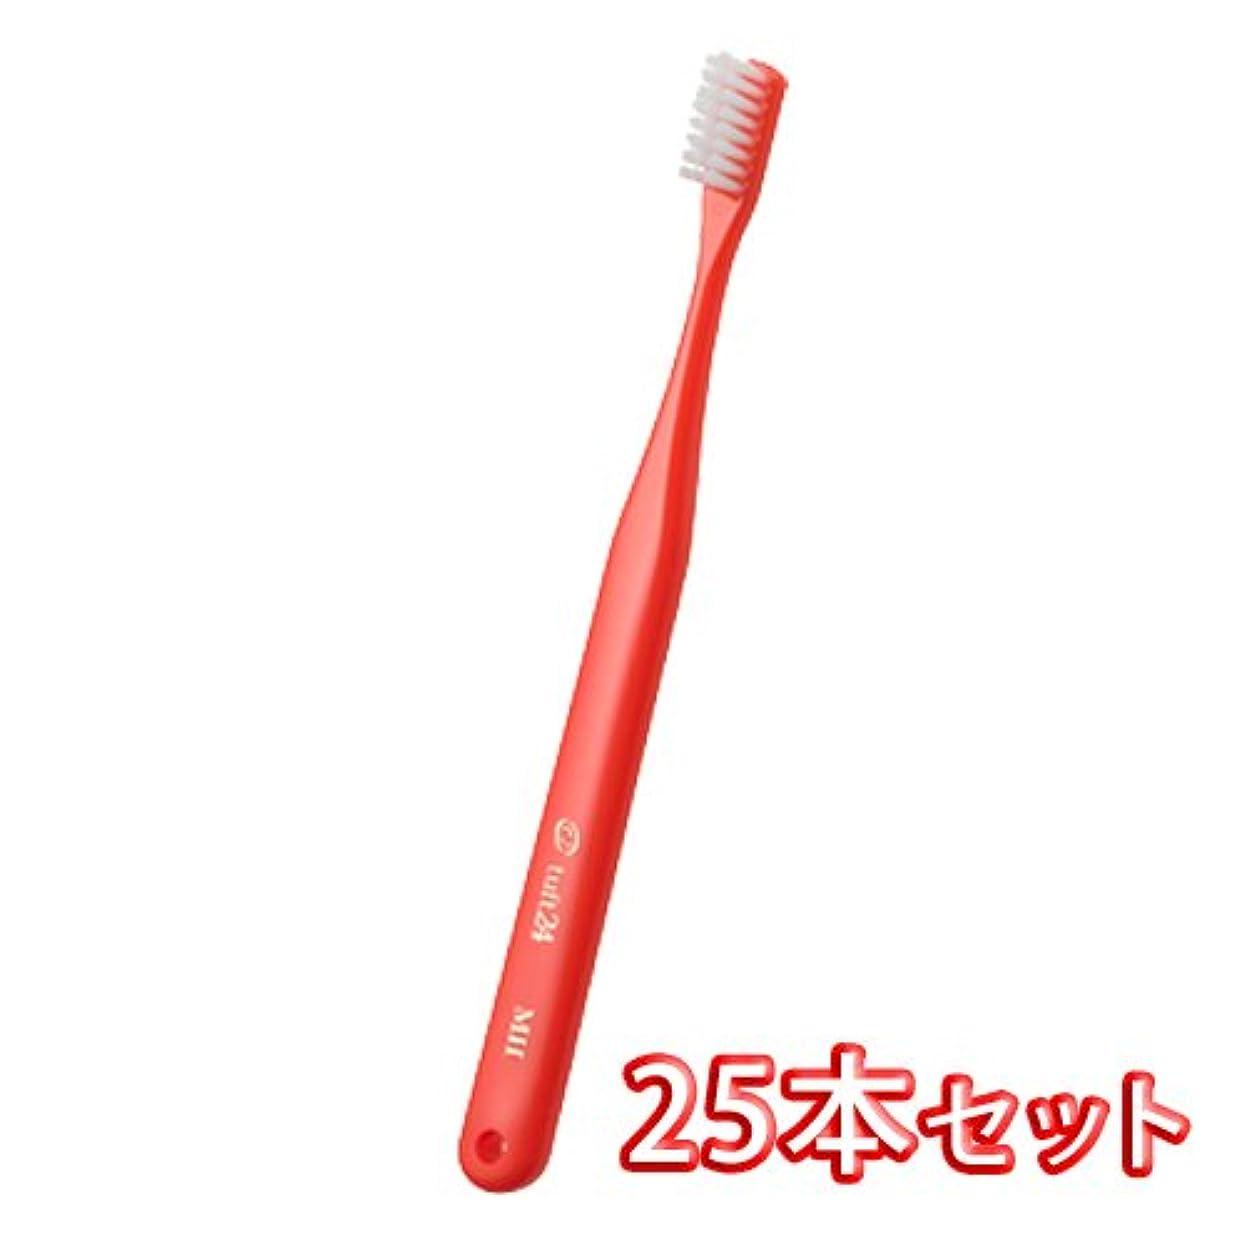 オレンジ定数知るオーラルケア キャップ付き タフト 24歯ブラシ 25本入 ミディアム M (レッド)